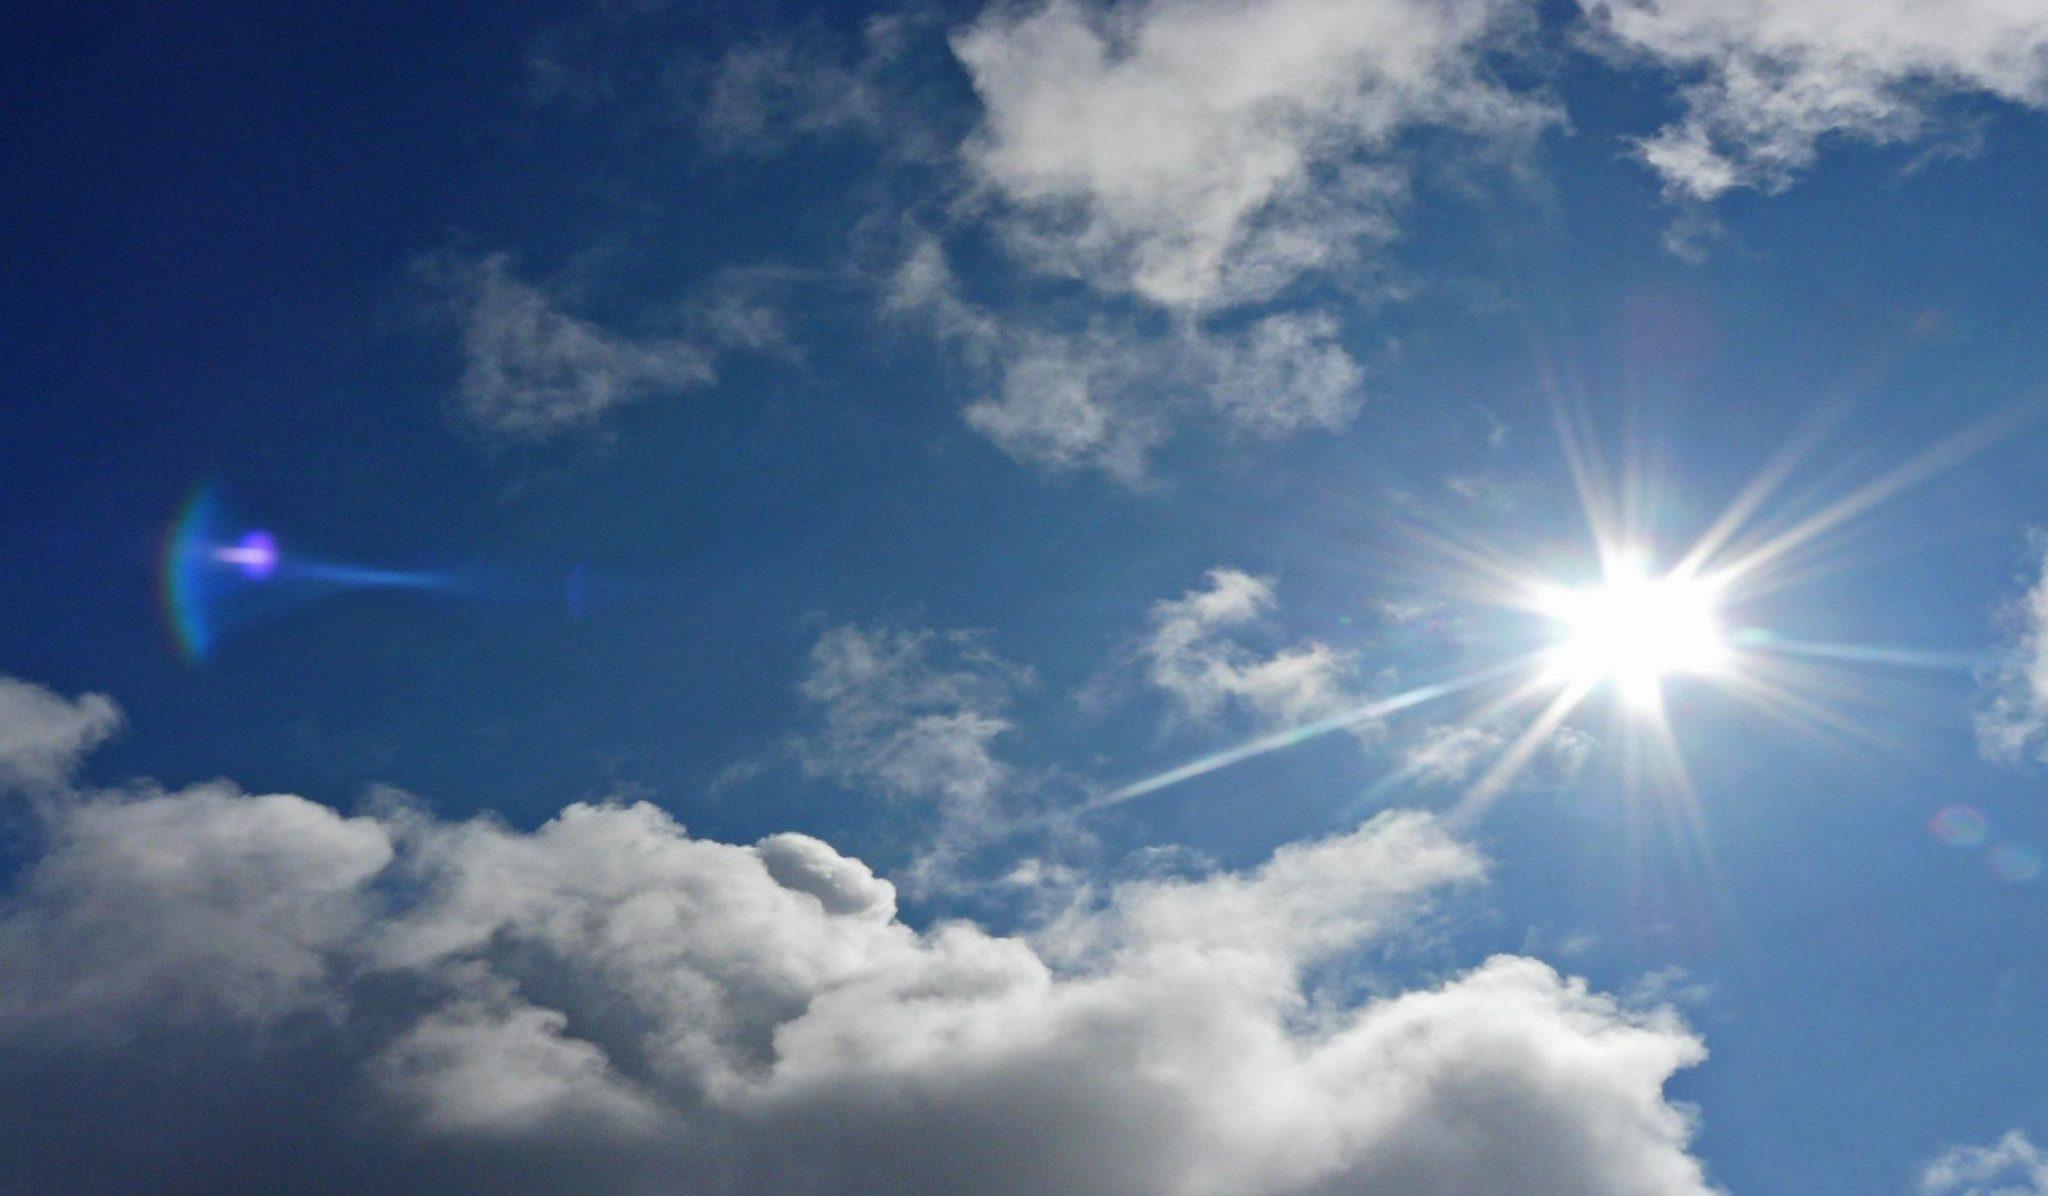 Hình ảnh trời nắng, trời xanh mây trắng